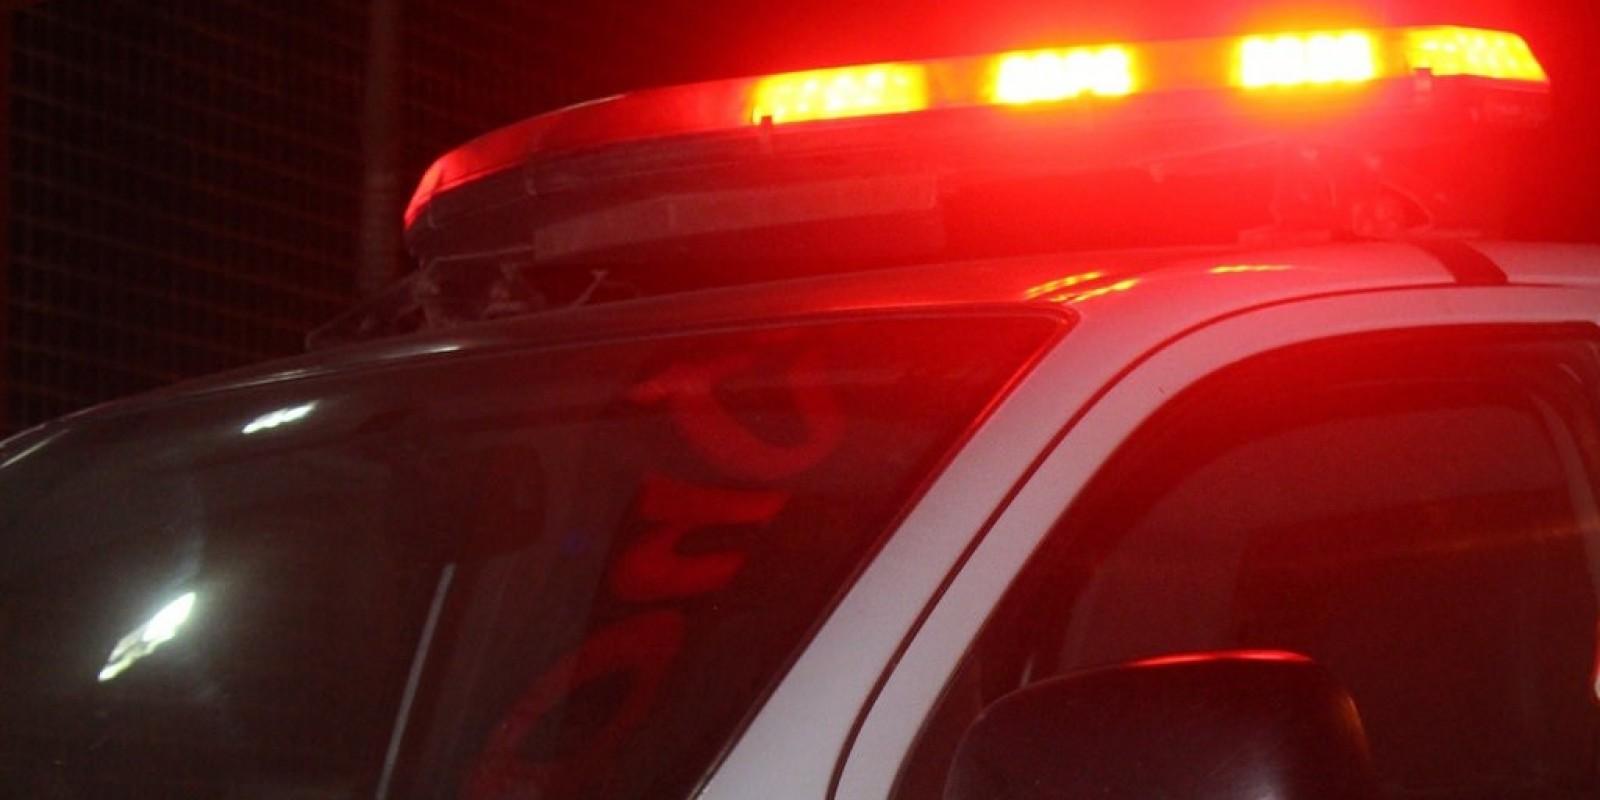 Homem é roubado quando atravessava ponte, em Braço do Norte